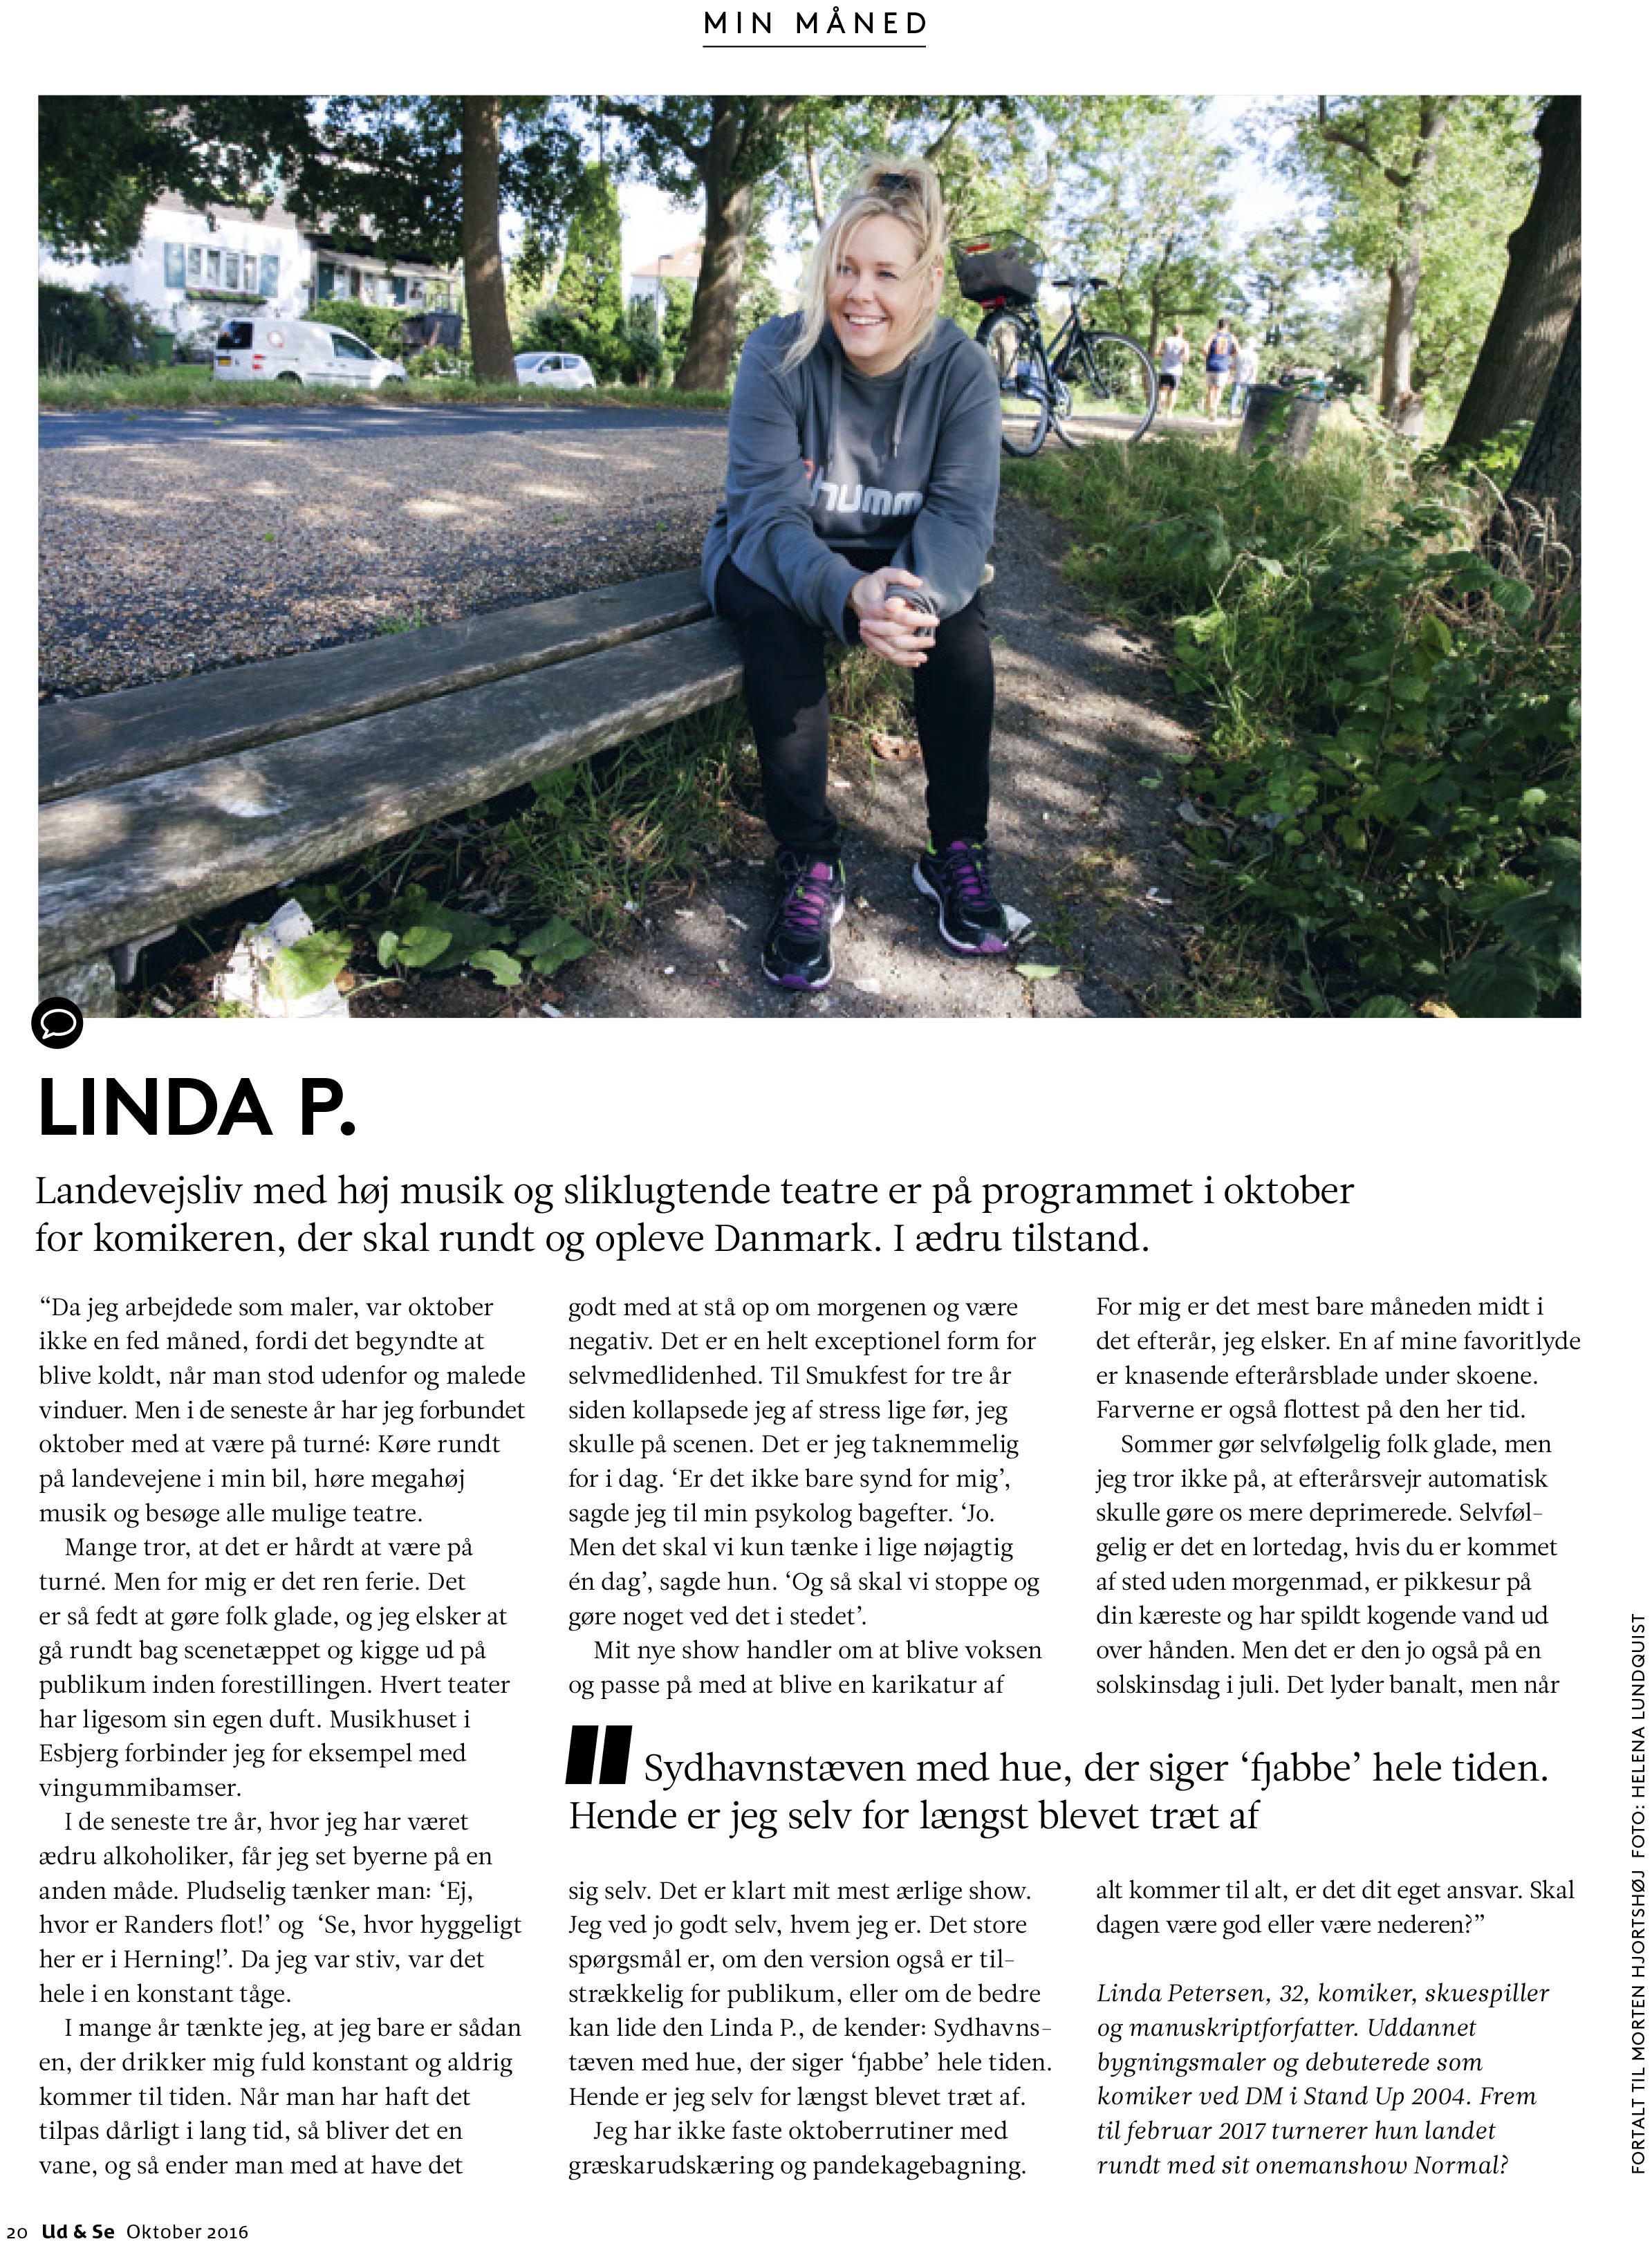 lindap_udse_okt16_helenalundquist_2